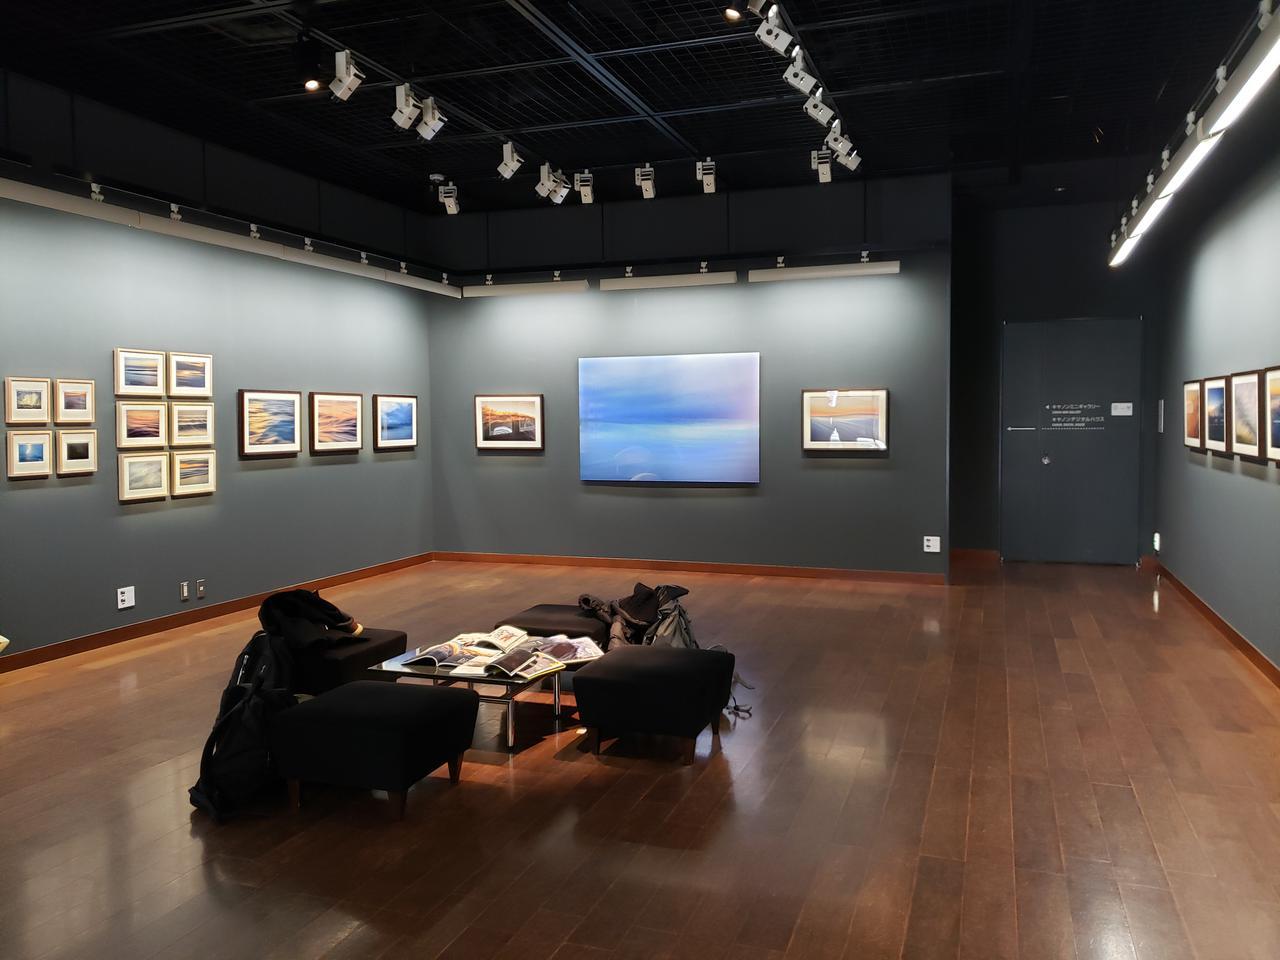 画像: 展示会場風景。本展では、熊野さんが数年をかけて湘南海岸で撮影した約30点の波の写真が展示されています。